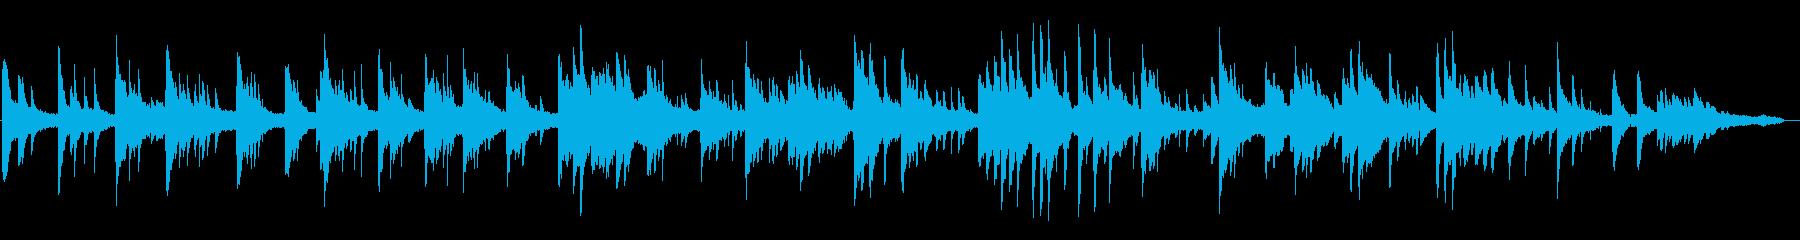 現代音楽、抽象的なピアノソロ暗いイメージの再生済みの波形